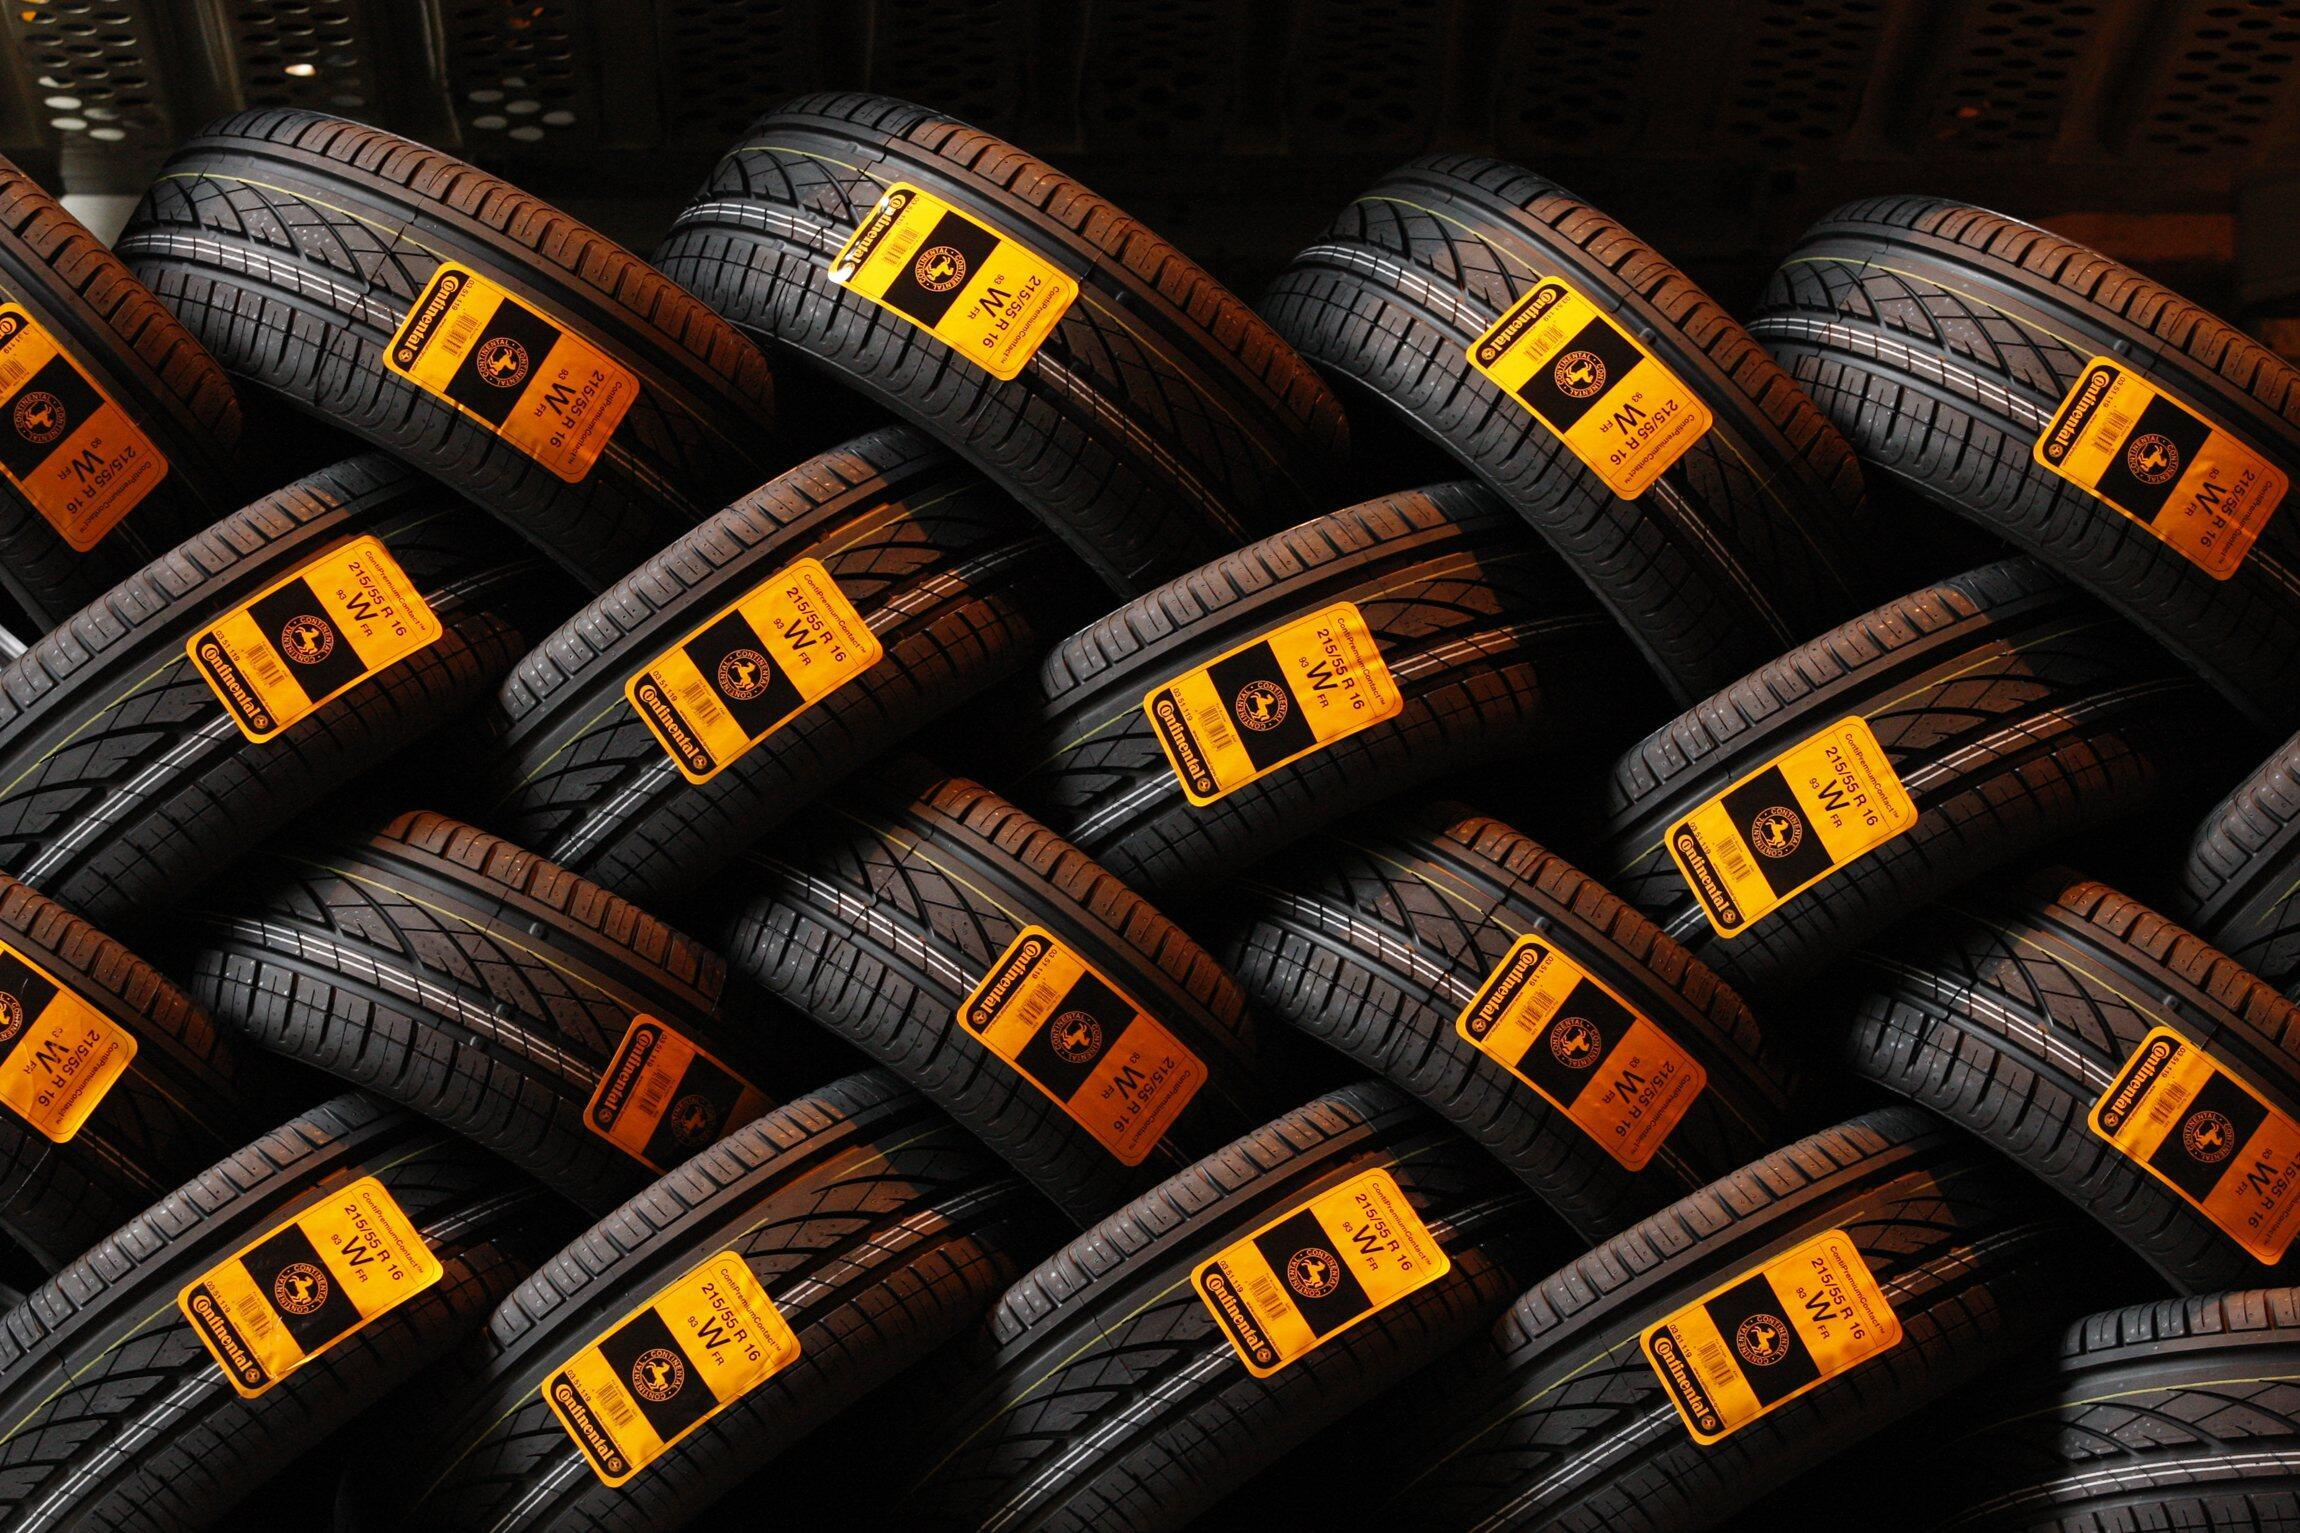 Готовая продукция шинного завода Continental в Клеруа 12/03/2009 (архив)